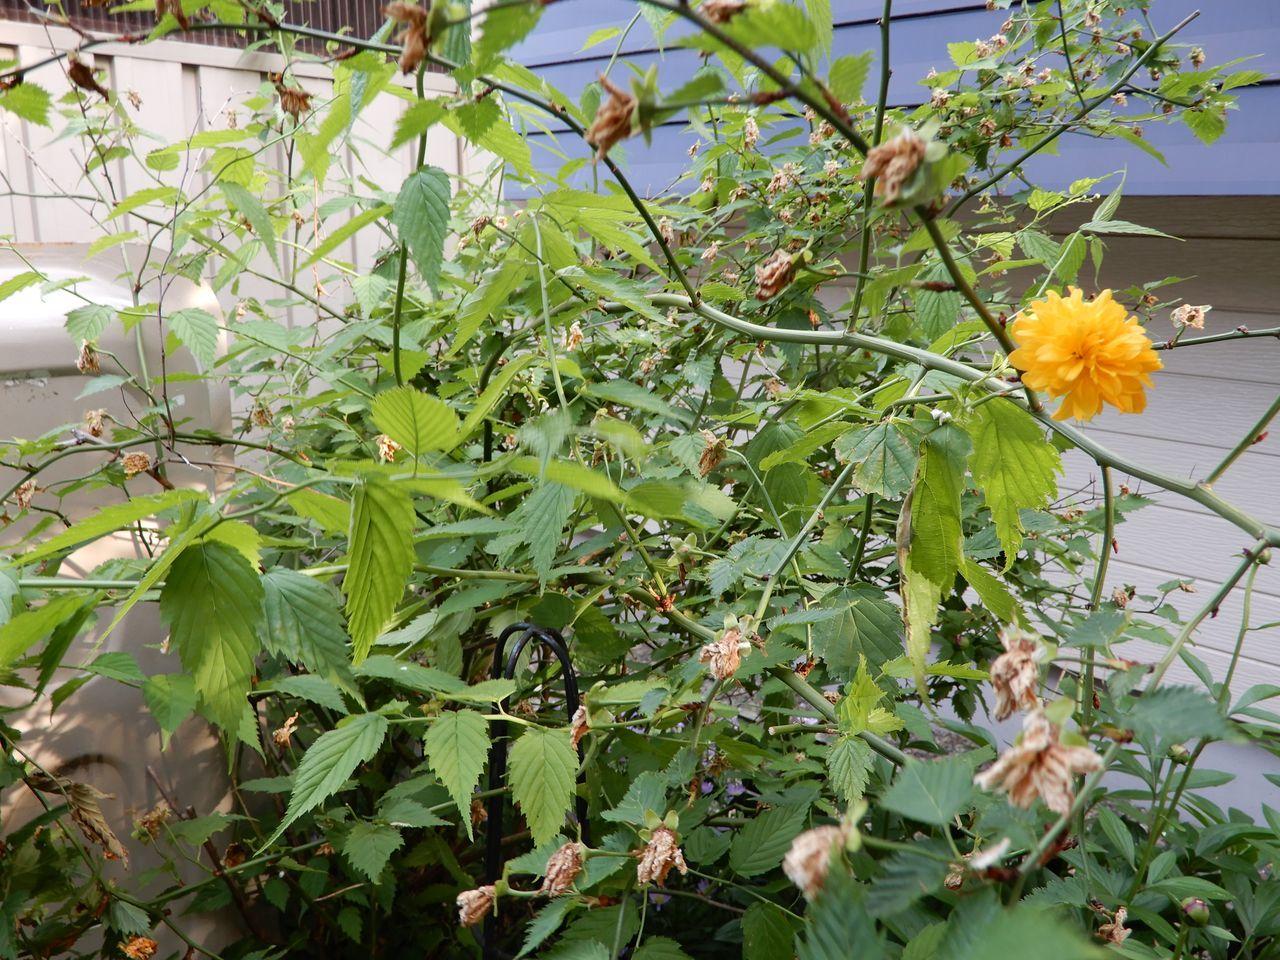 札幌にも東区にも真夏日がやってきた_c0025115_21545414.jpg